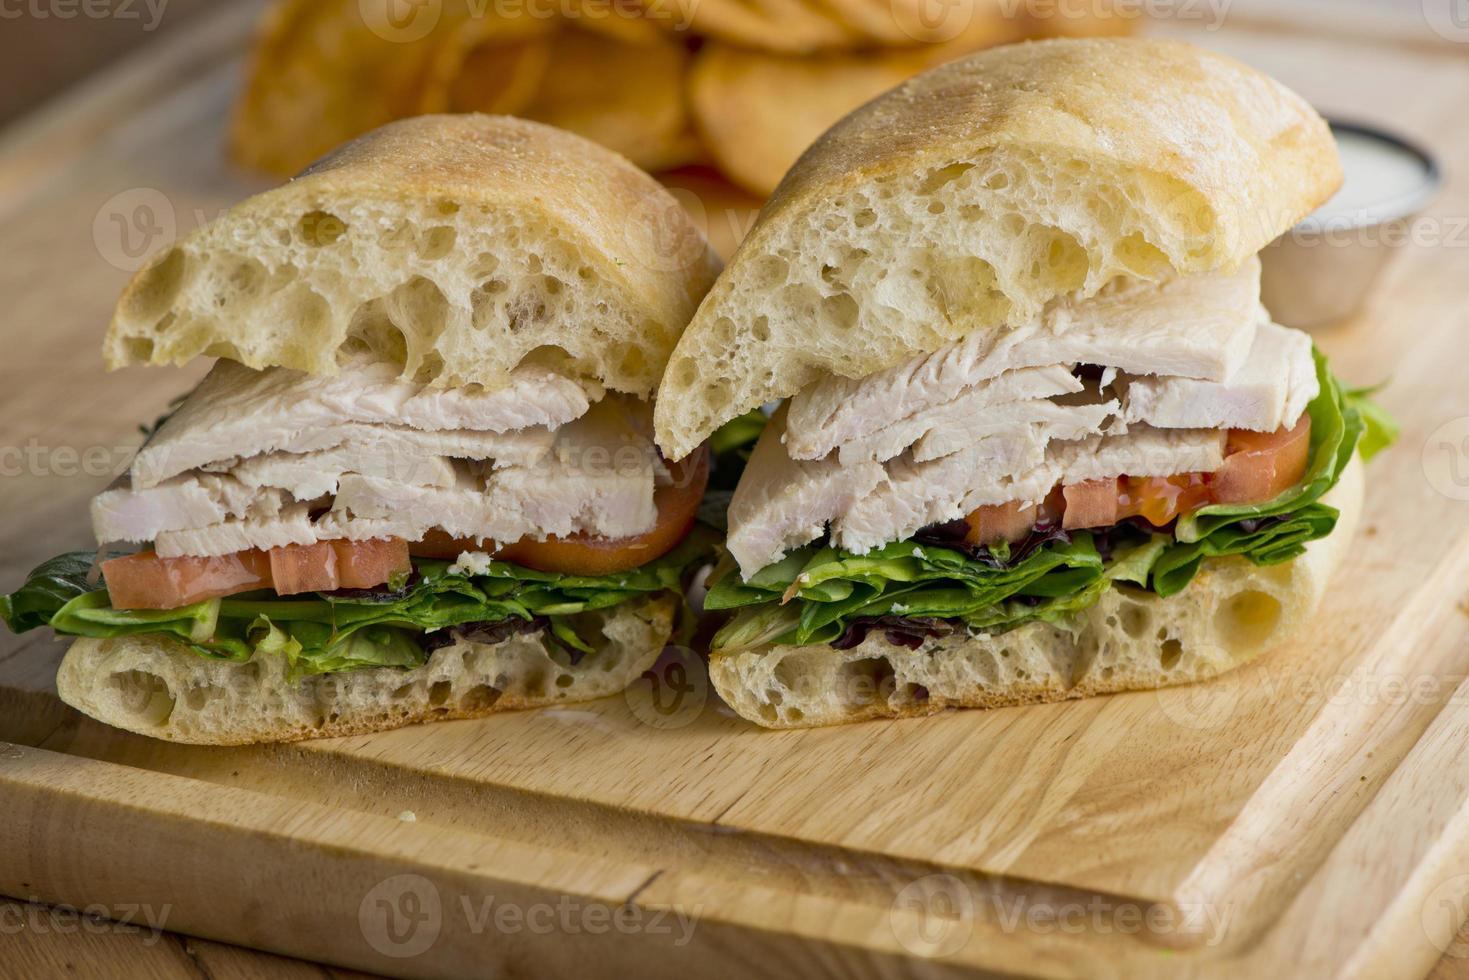 classico sandwich di pollo americano con lattuga e pomodoro foto